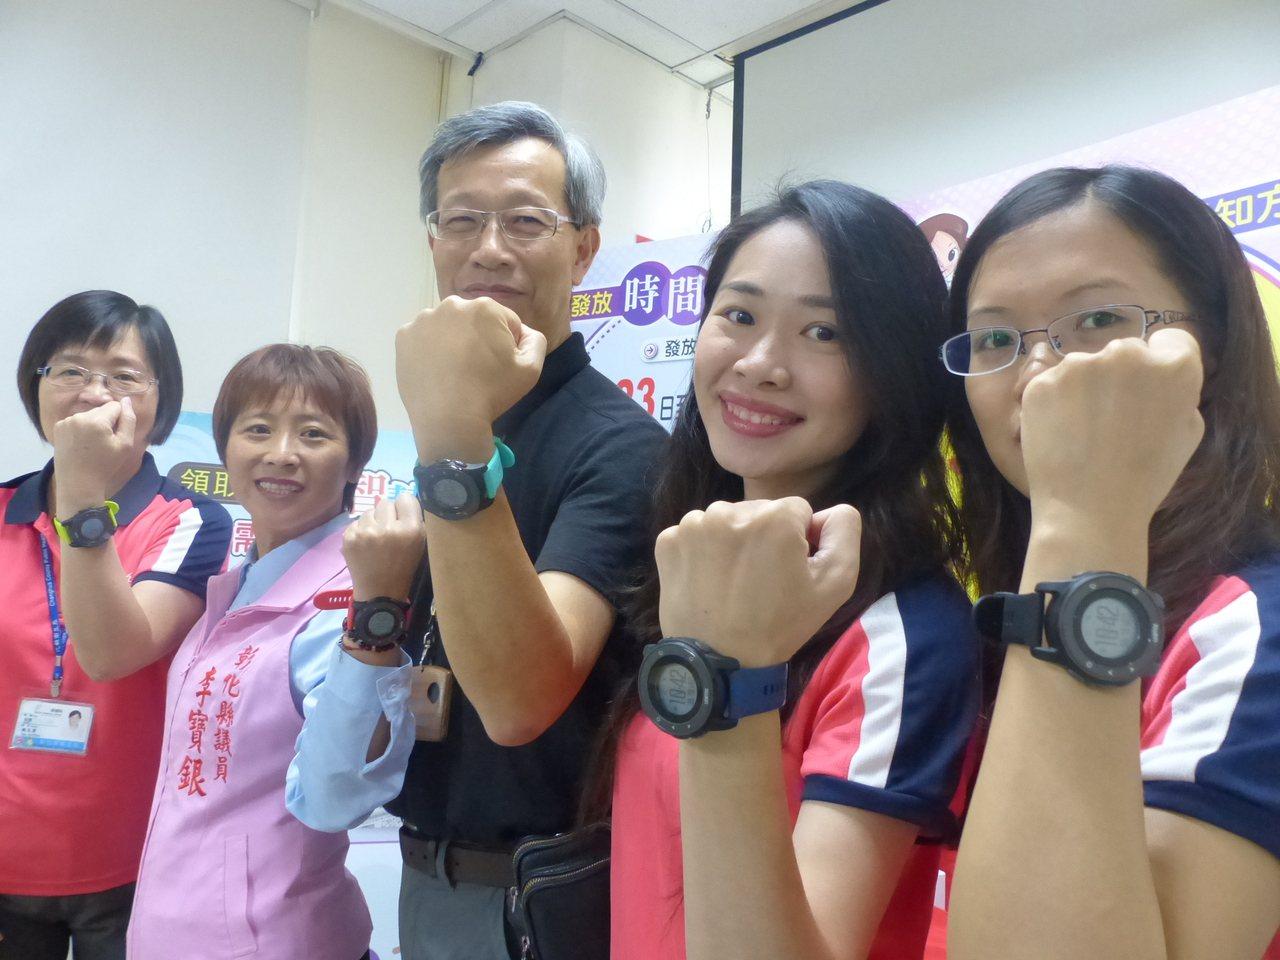 參加彰化縣衛生局舉辦的體適能檢測等項目的1萬名長者,從9月23日起到10月3日,...